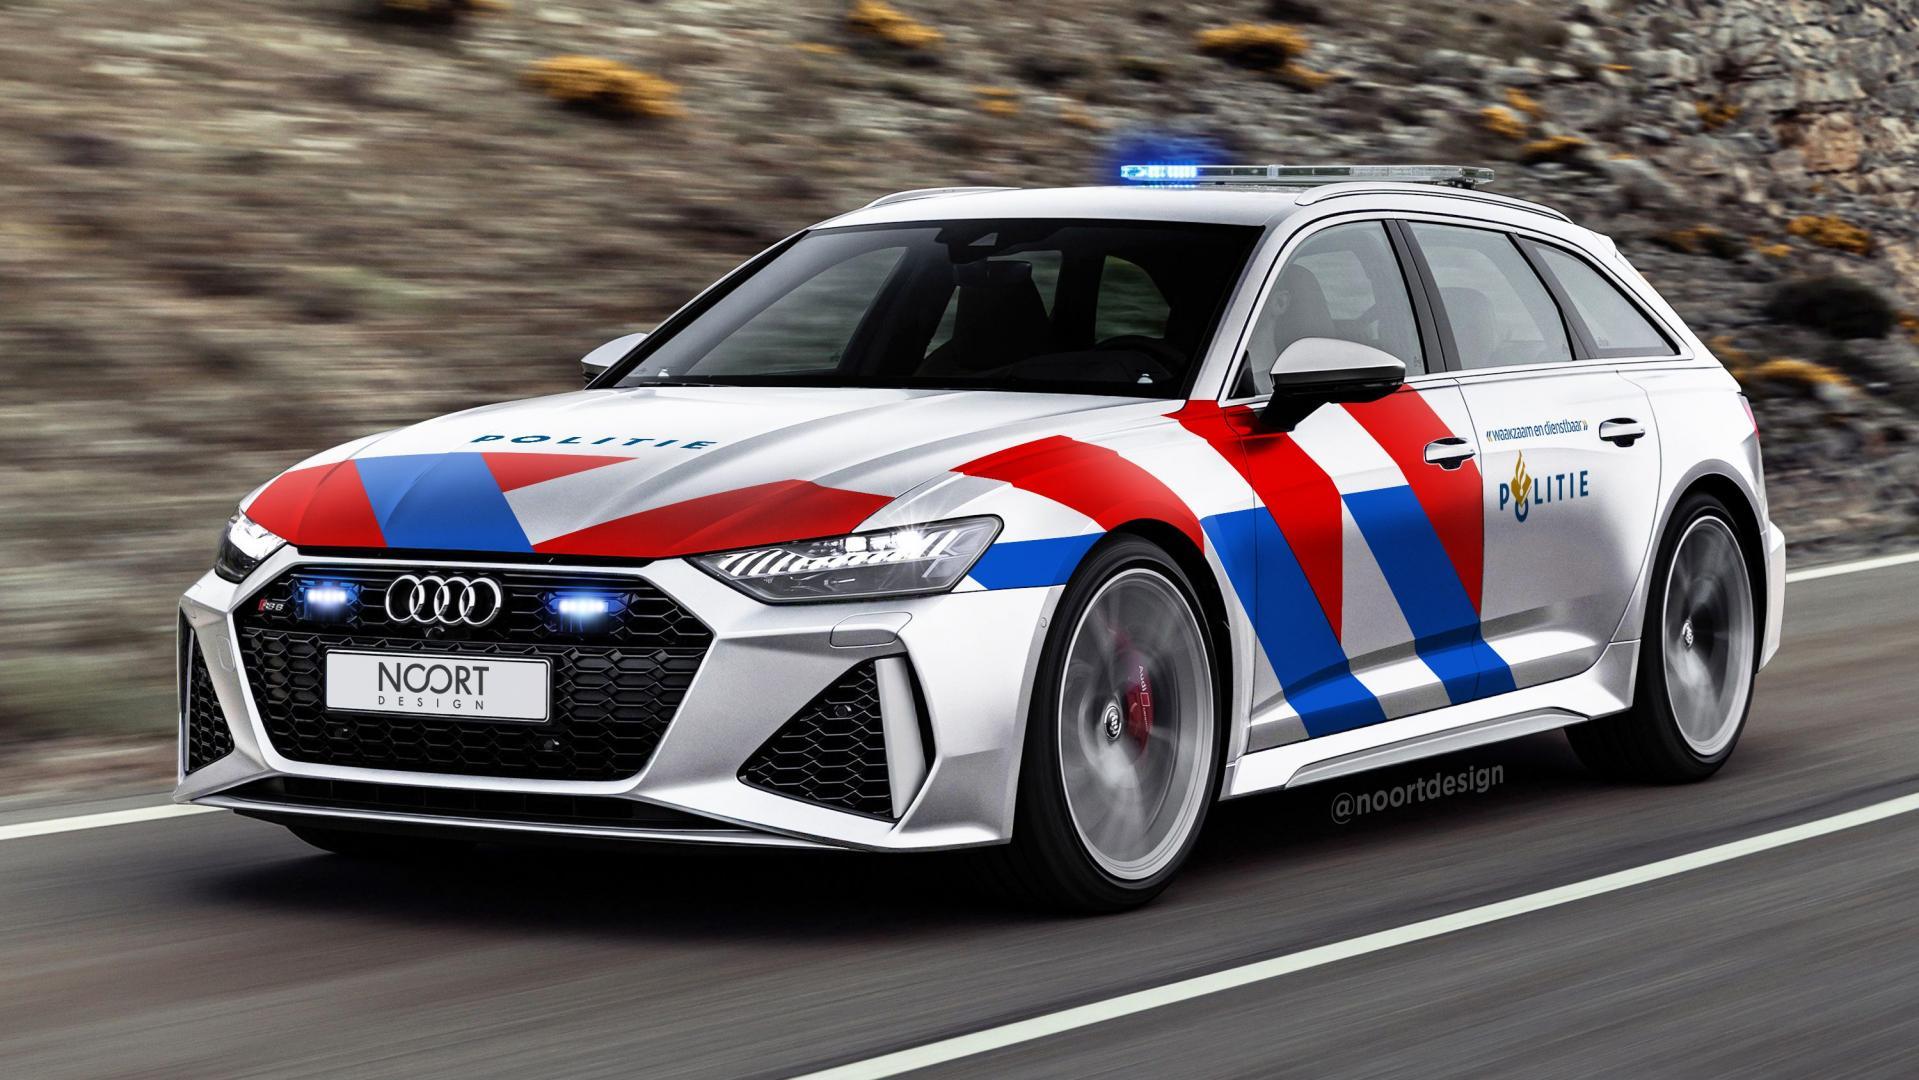 Audi RS 6 met politiekleuren